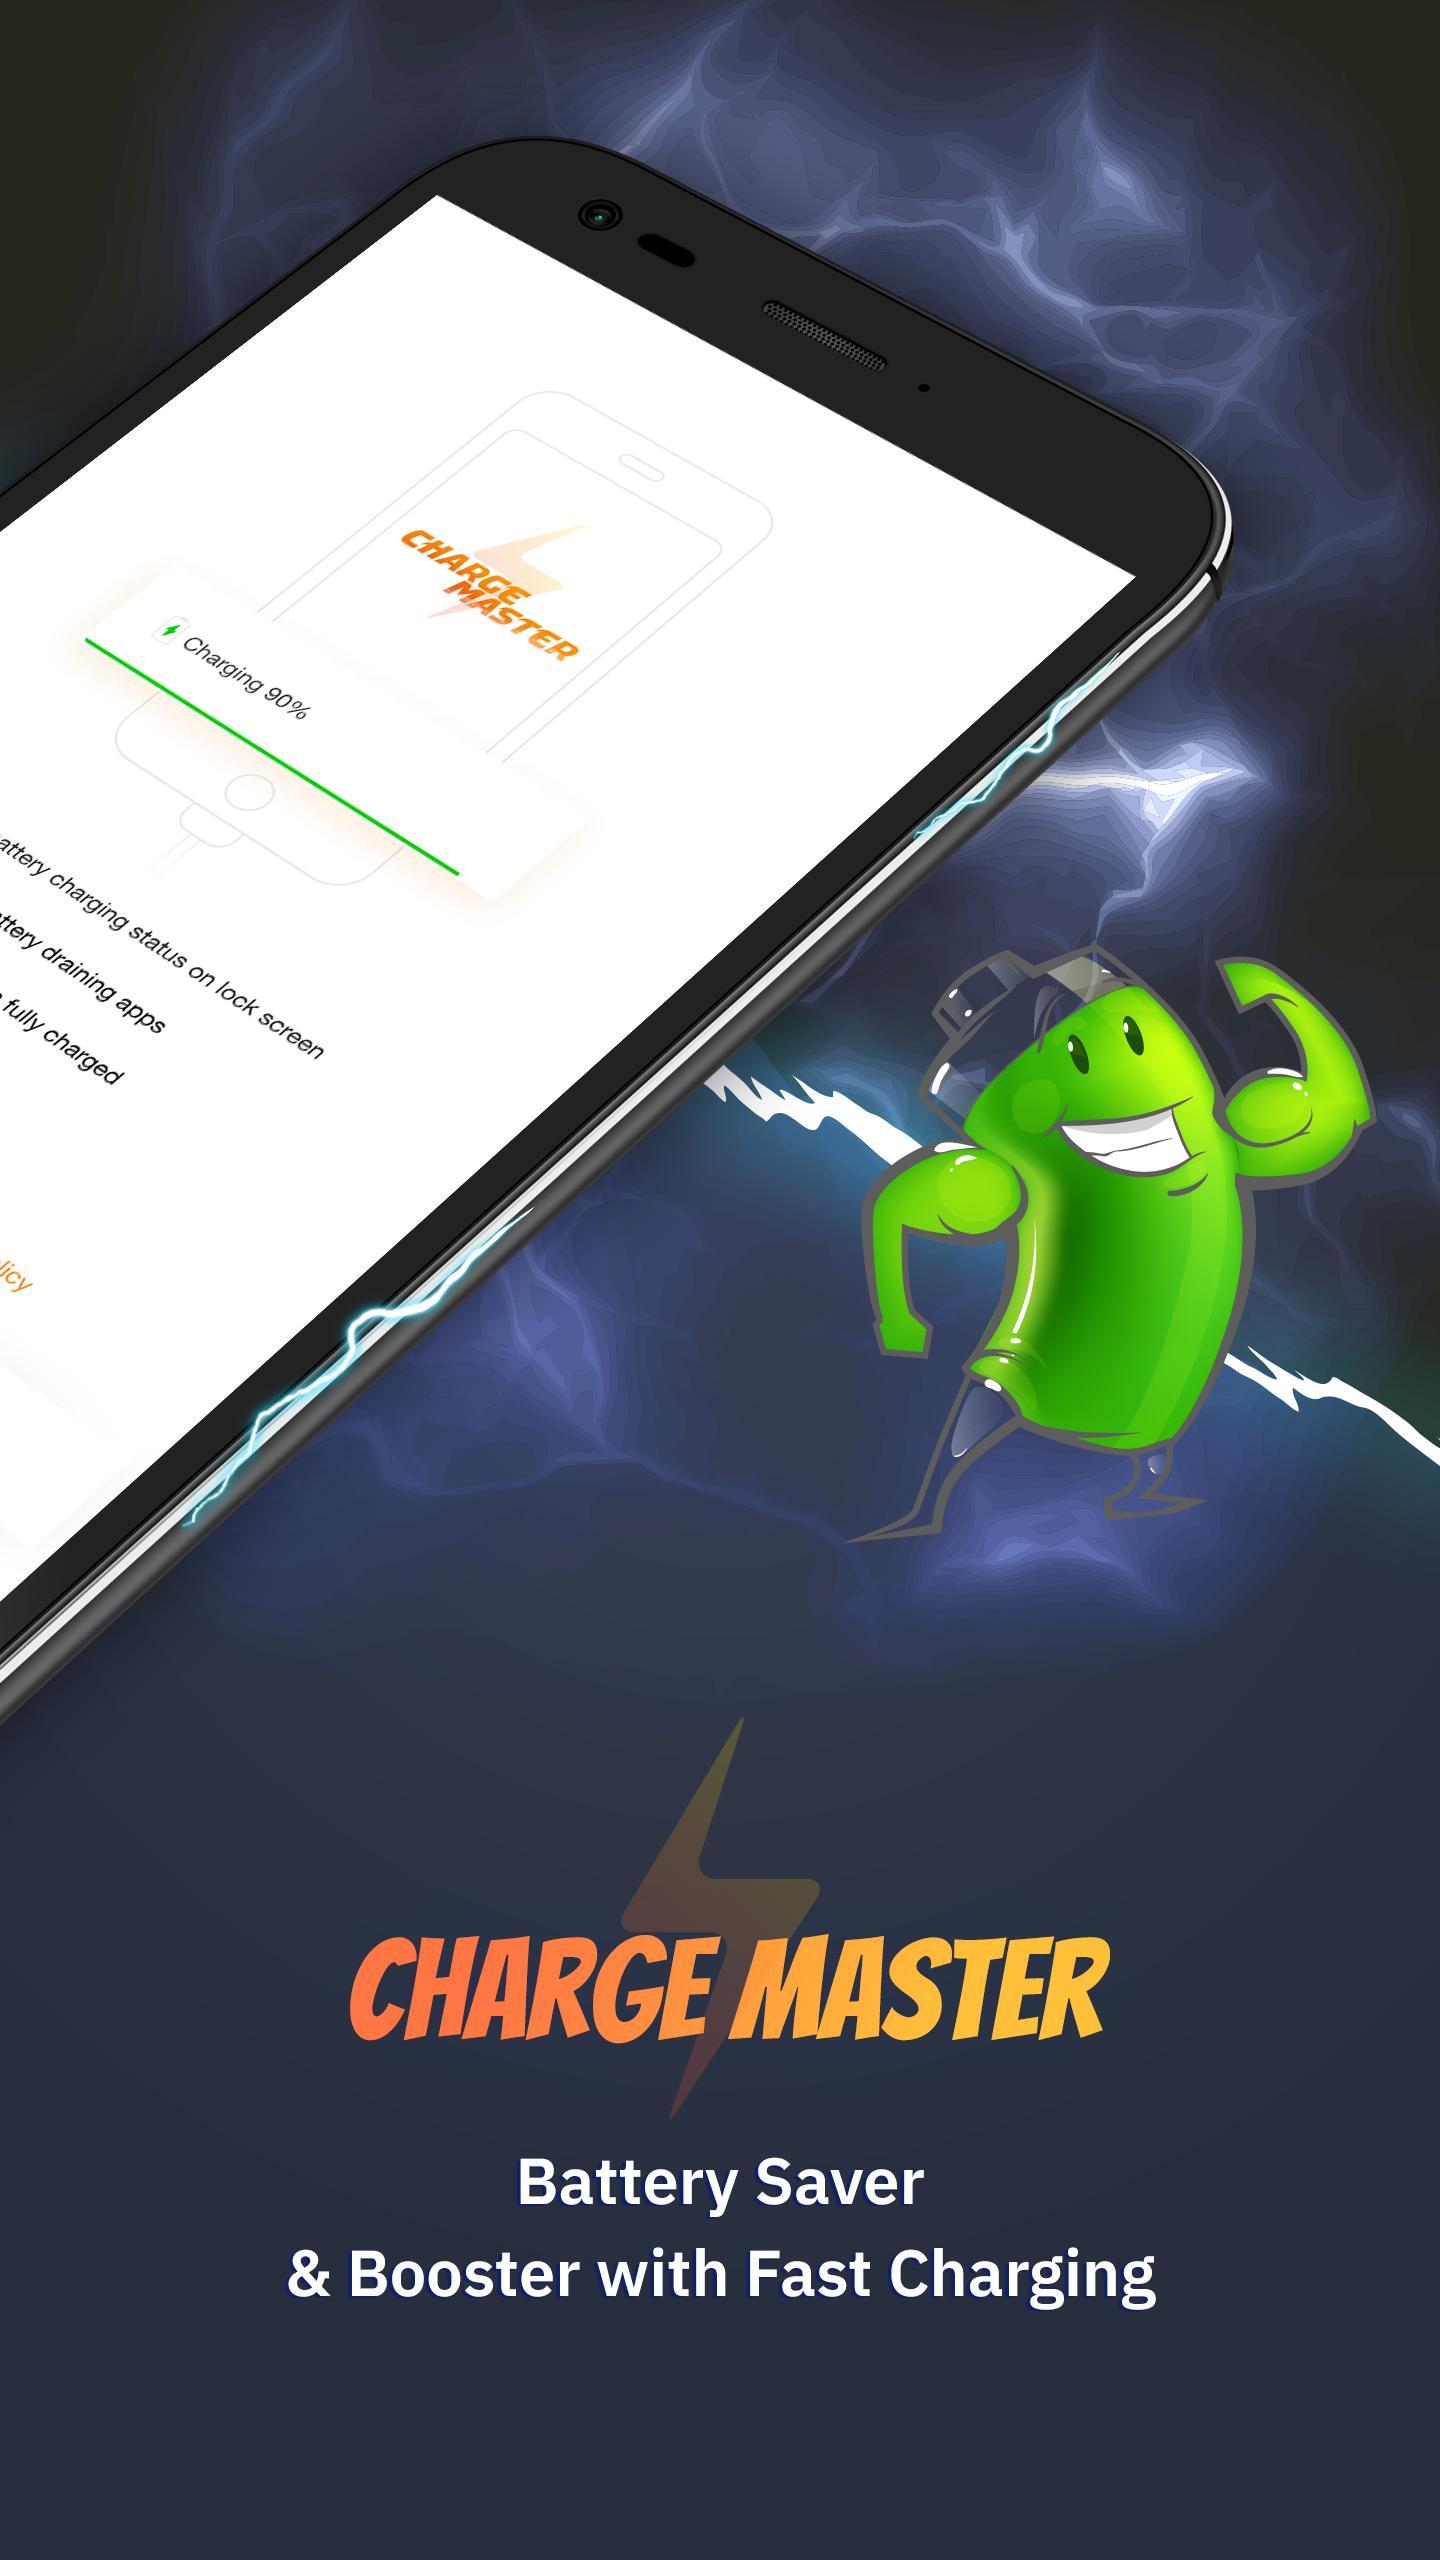 Pengisian Baterai Cepat Penghemat Baterai Terbaik For Android Apk Download